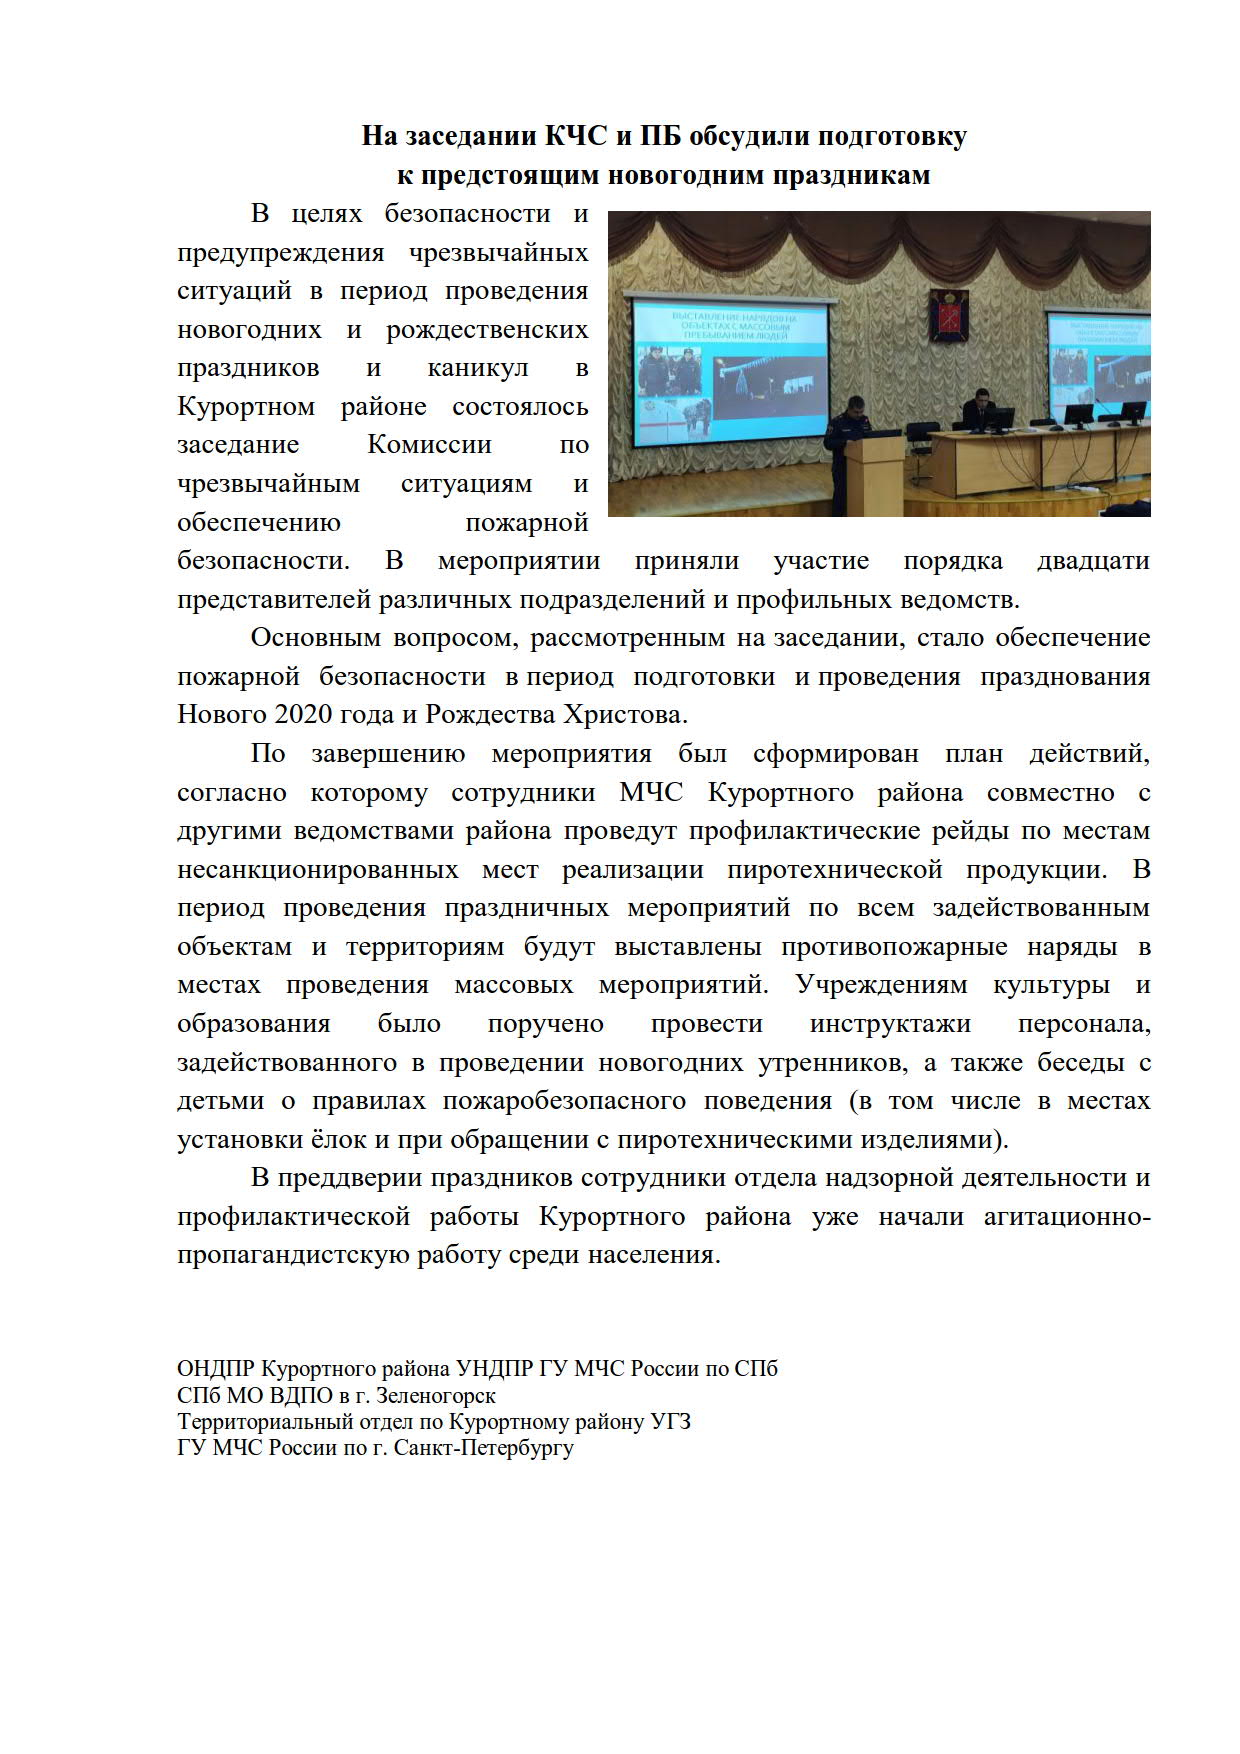 На заседании КЧС и ПБ обсудили подготовку к предстоящим новогодним праздникам_1